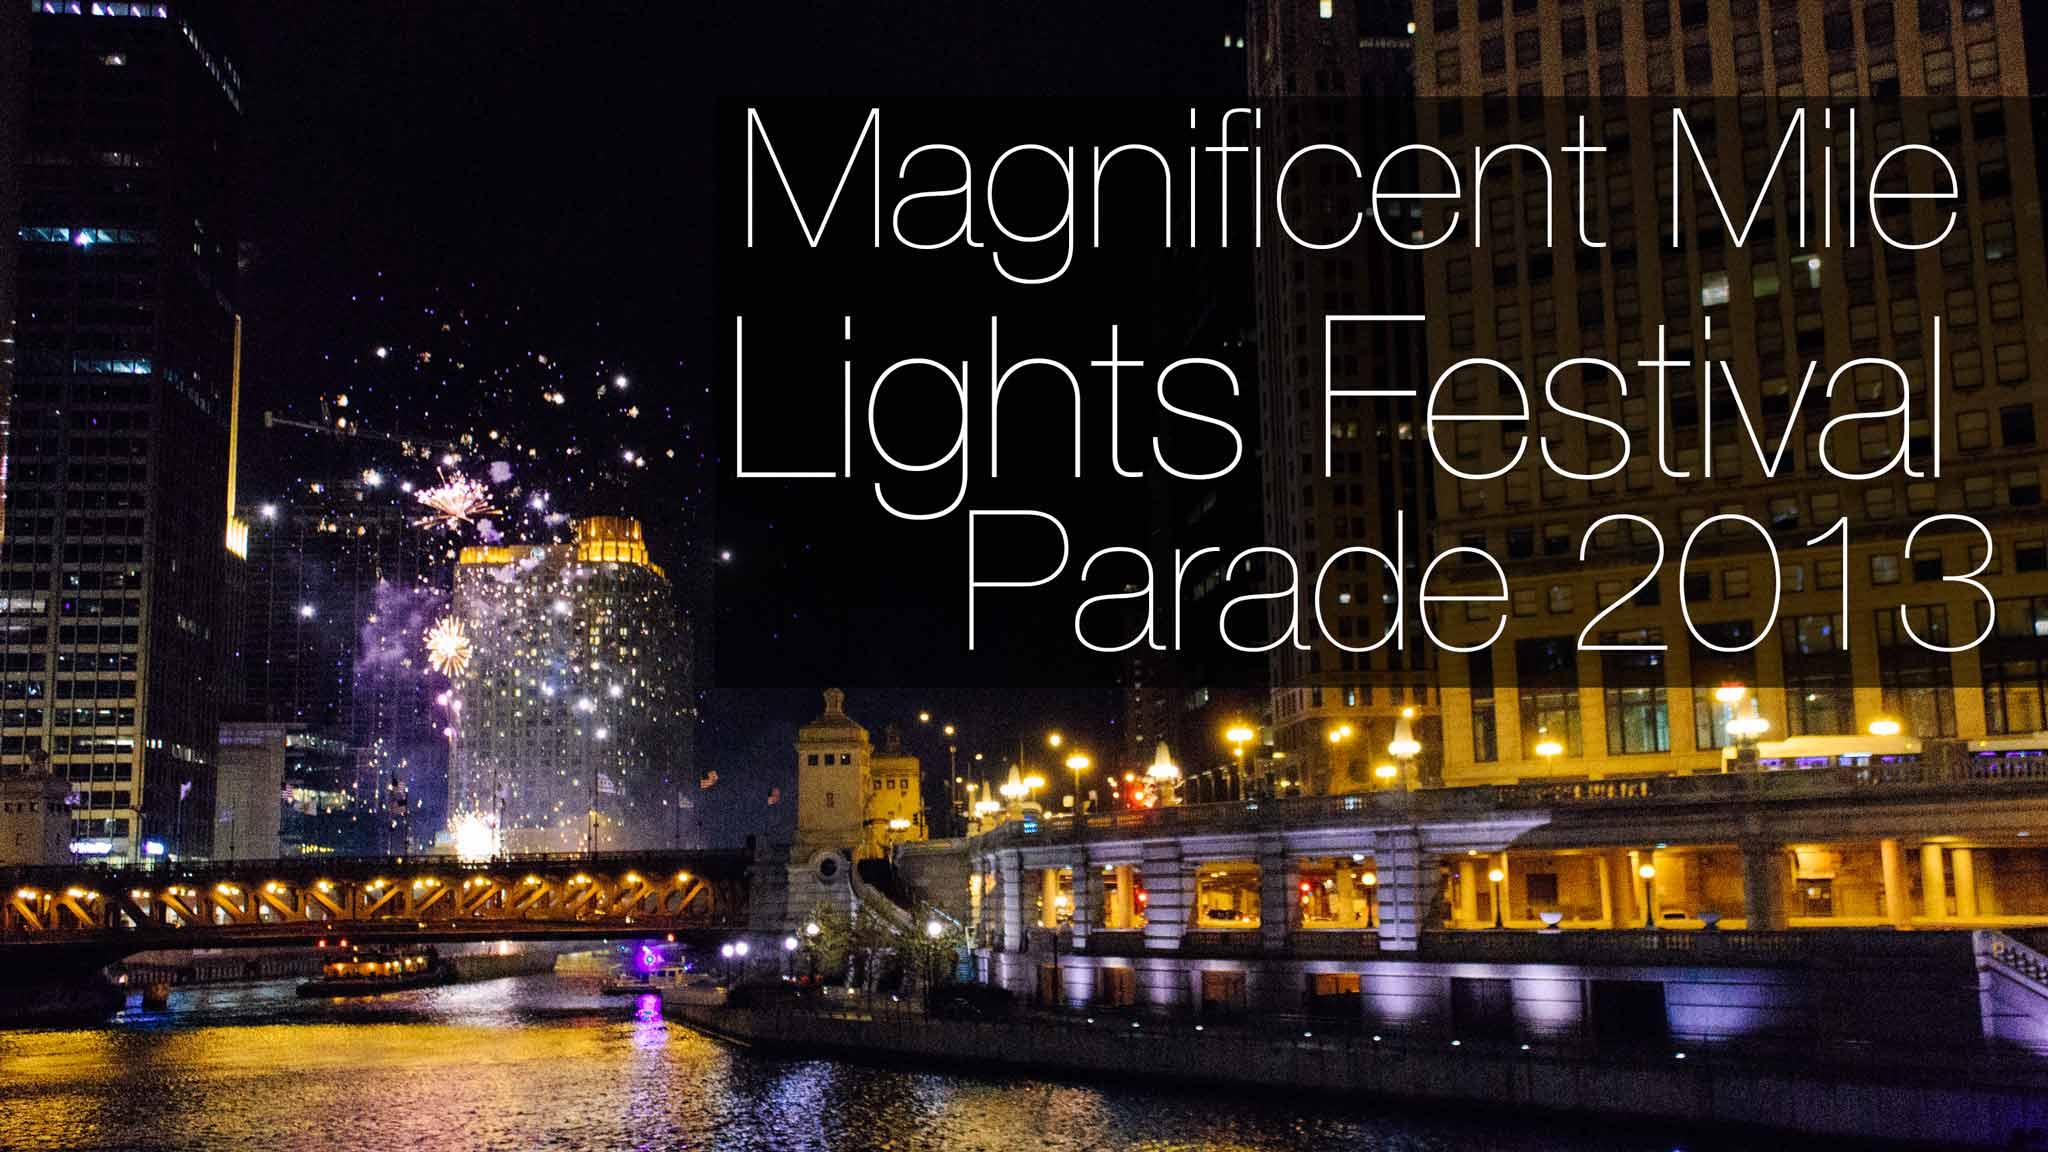 Фестиваль огней на Великолепной миле Чикаго | Magnificent Mile Lights Festival Parade